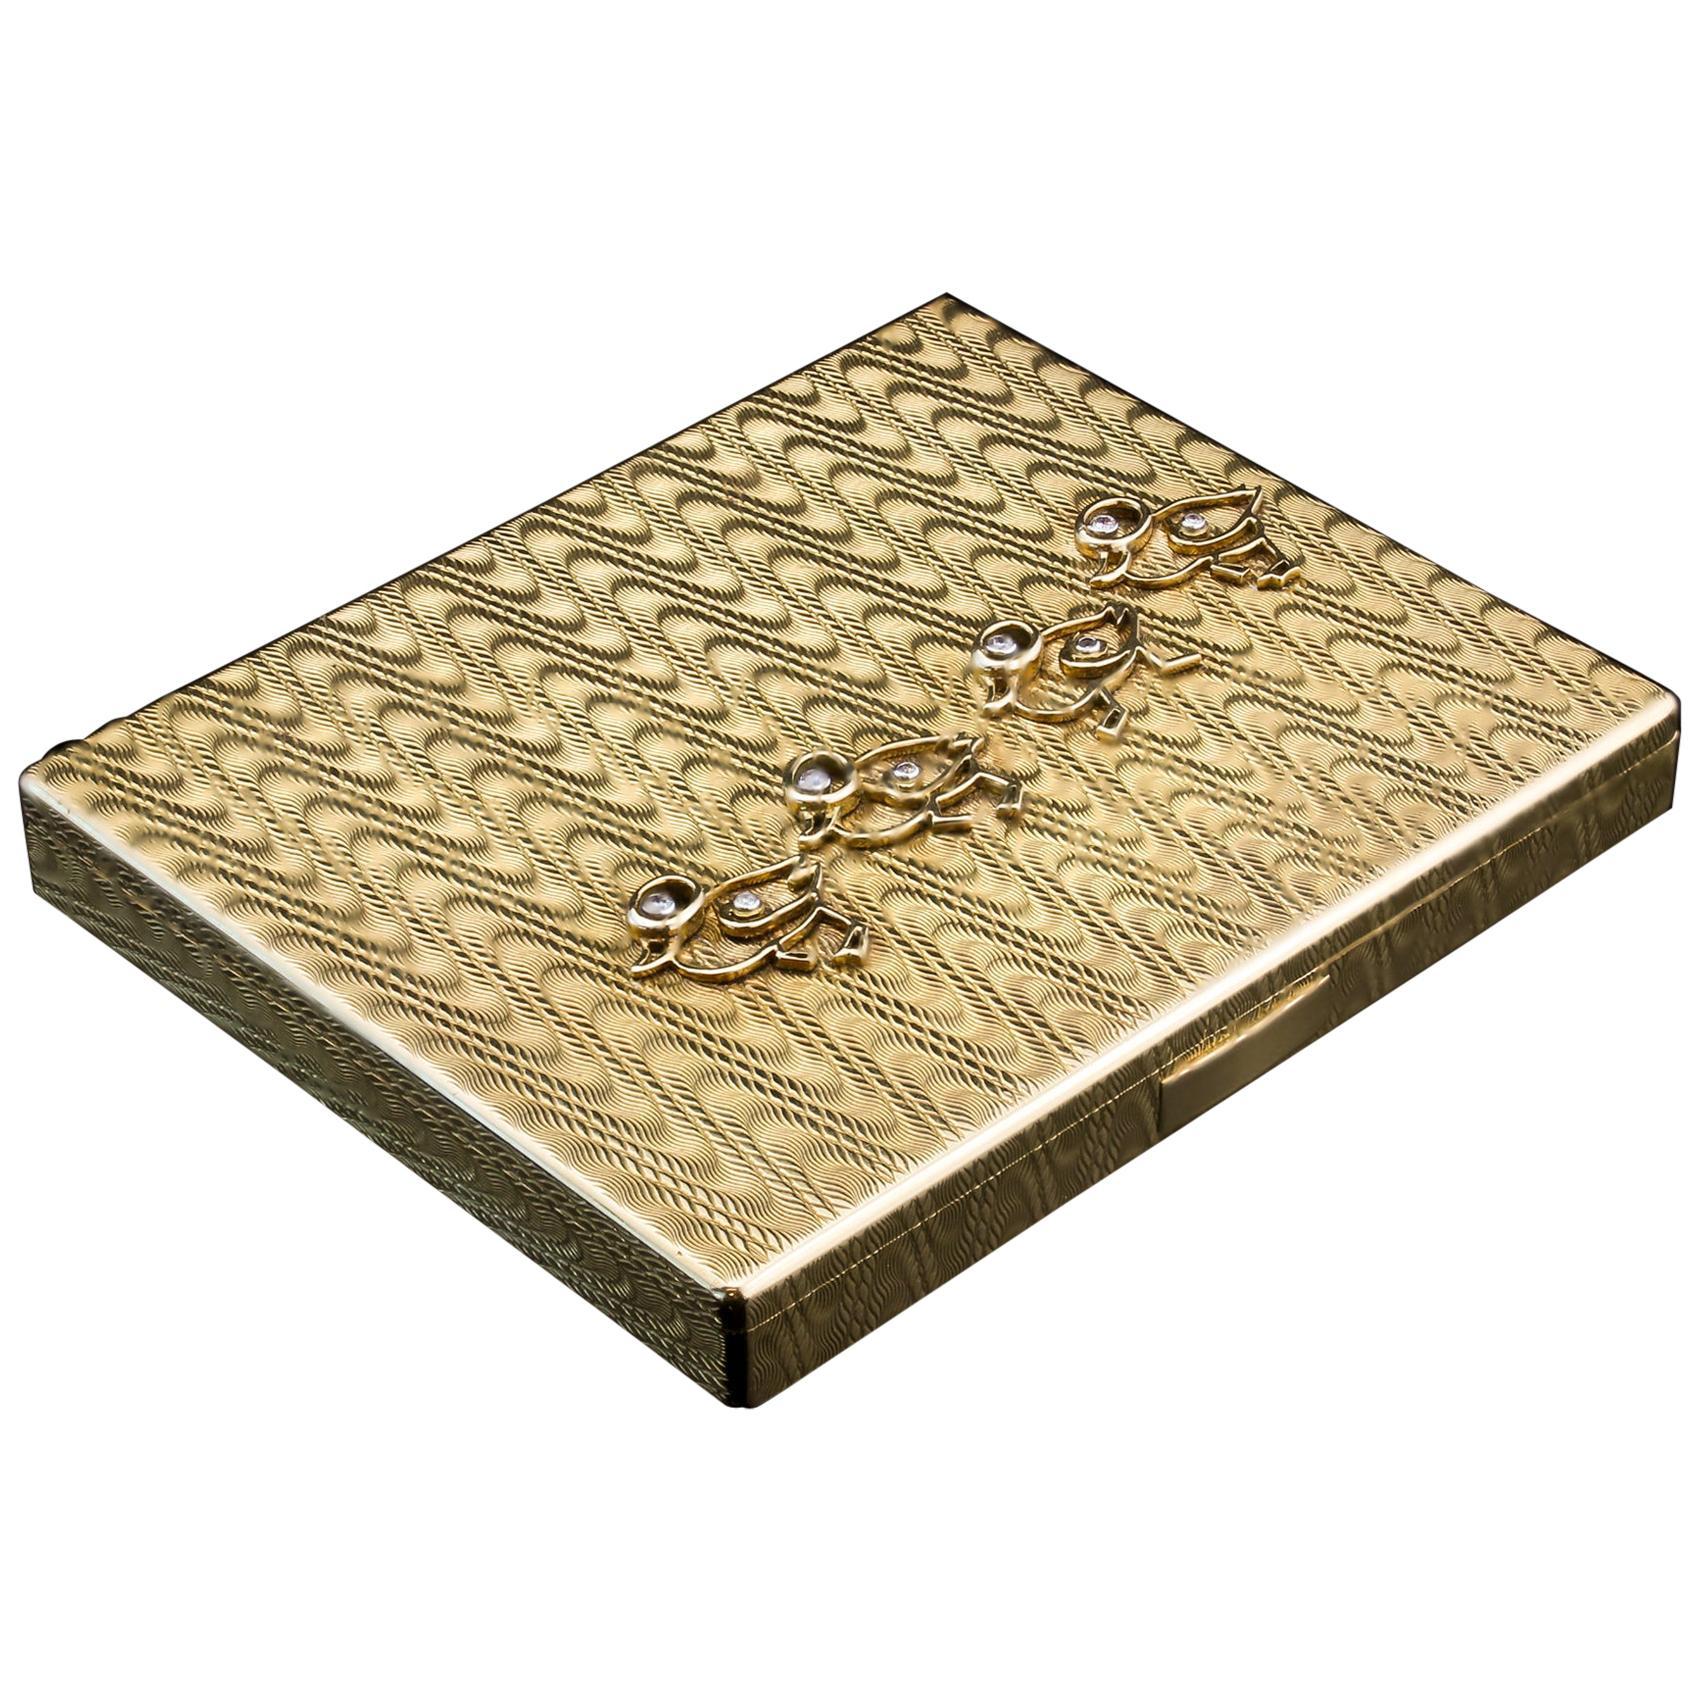 Cartier 18-Karat Yellow Gold Compact Box with Diamonds 0.20-Carat, Paris, 1930s